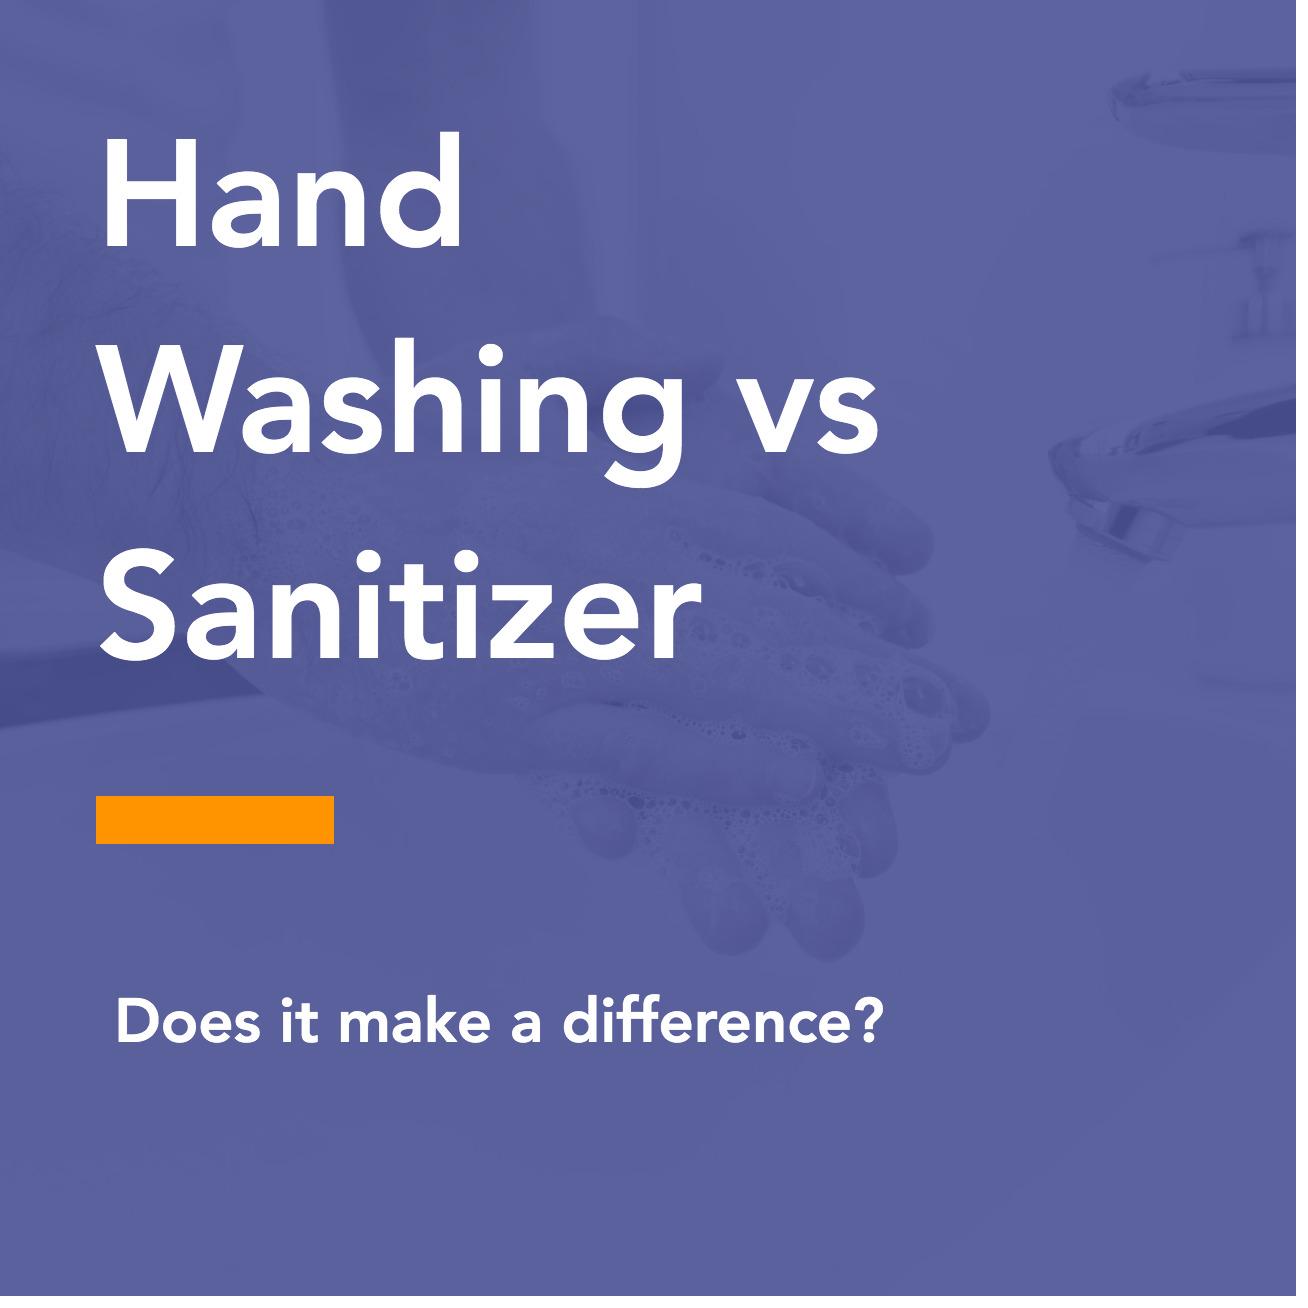 Hand Washing vs Sanitizer